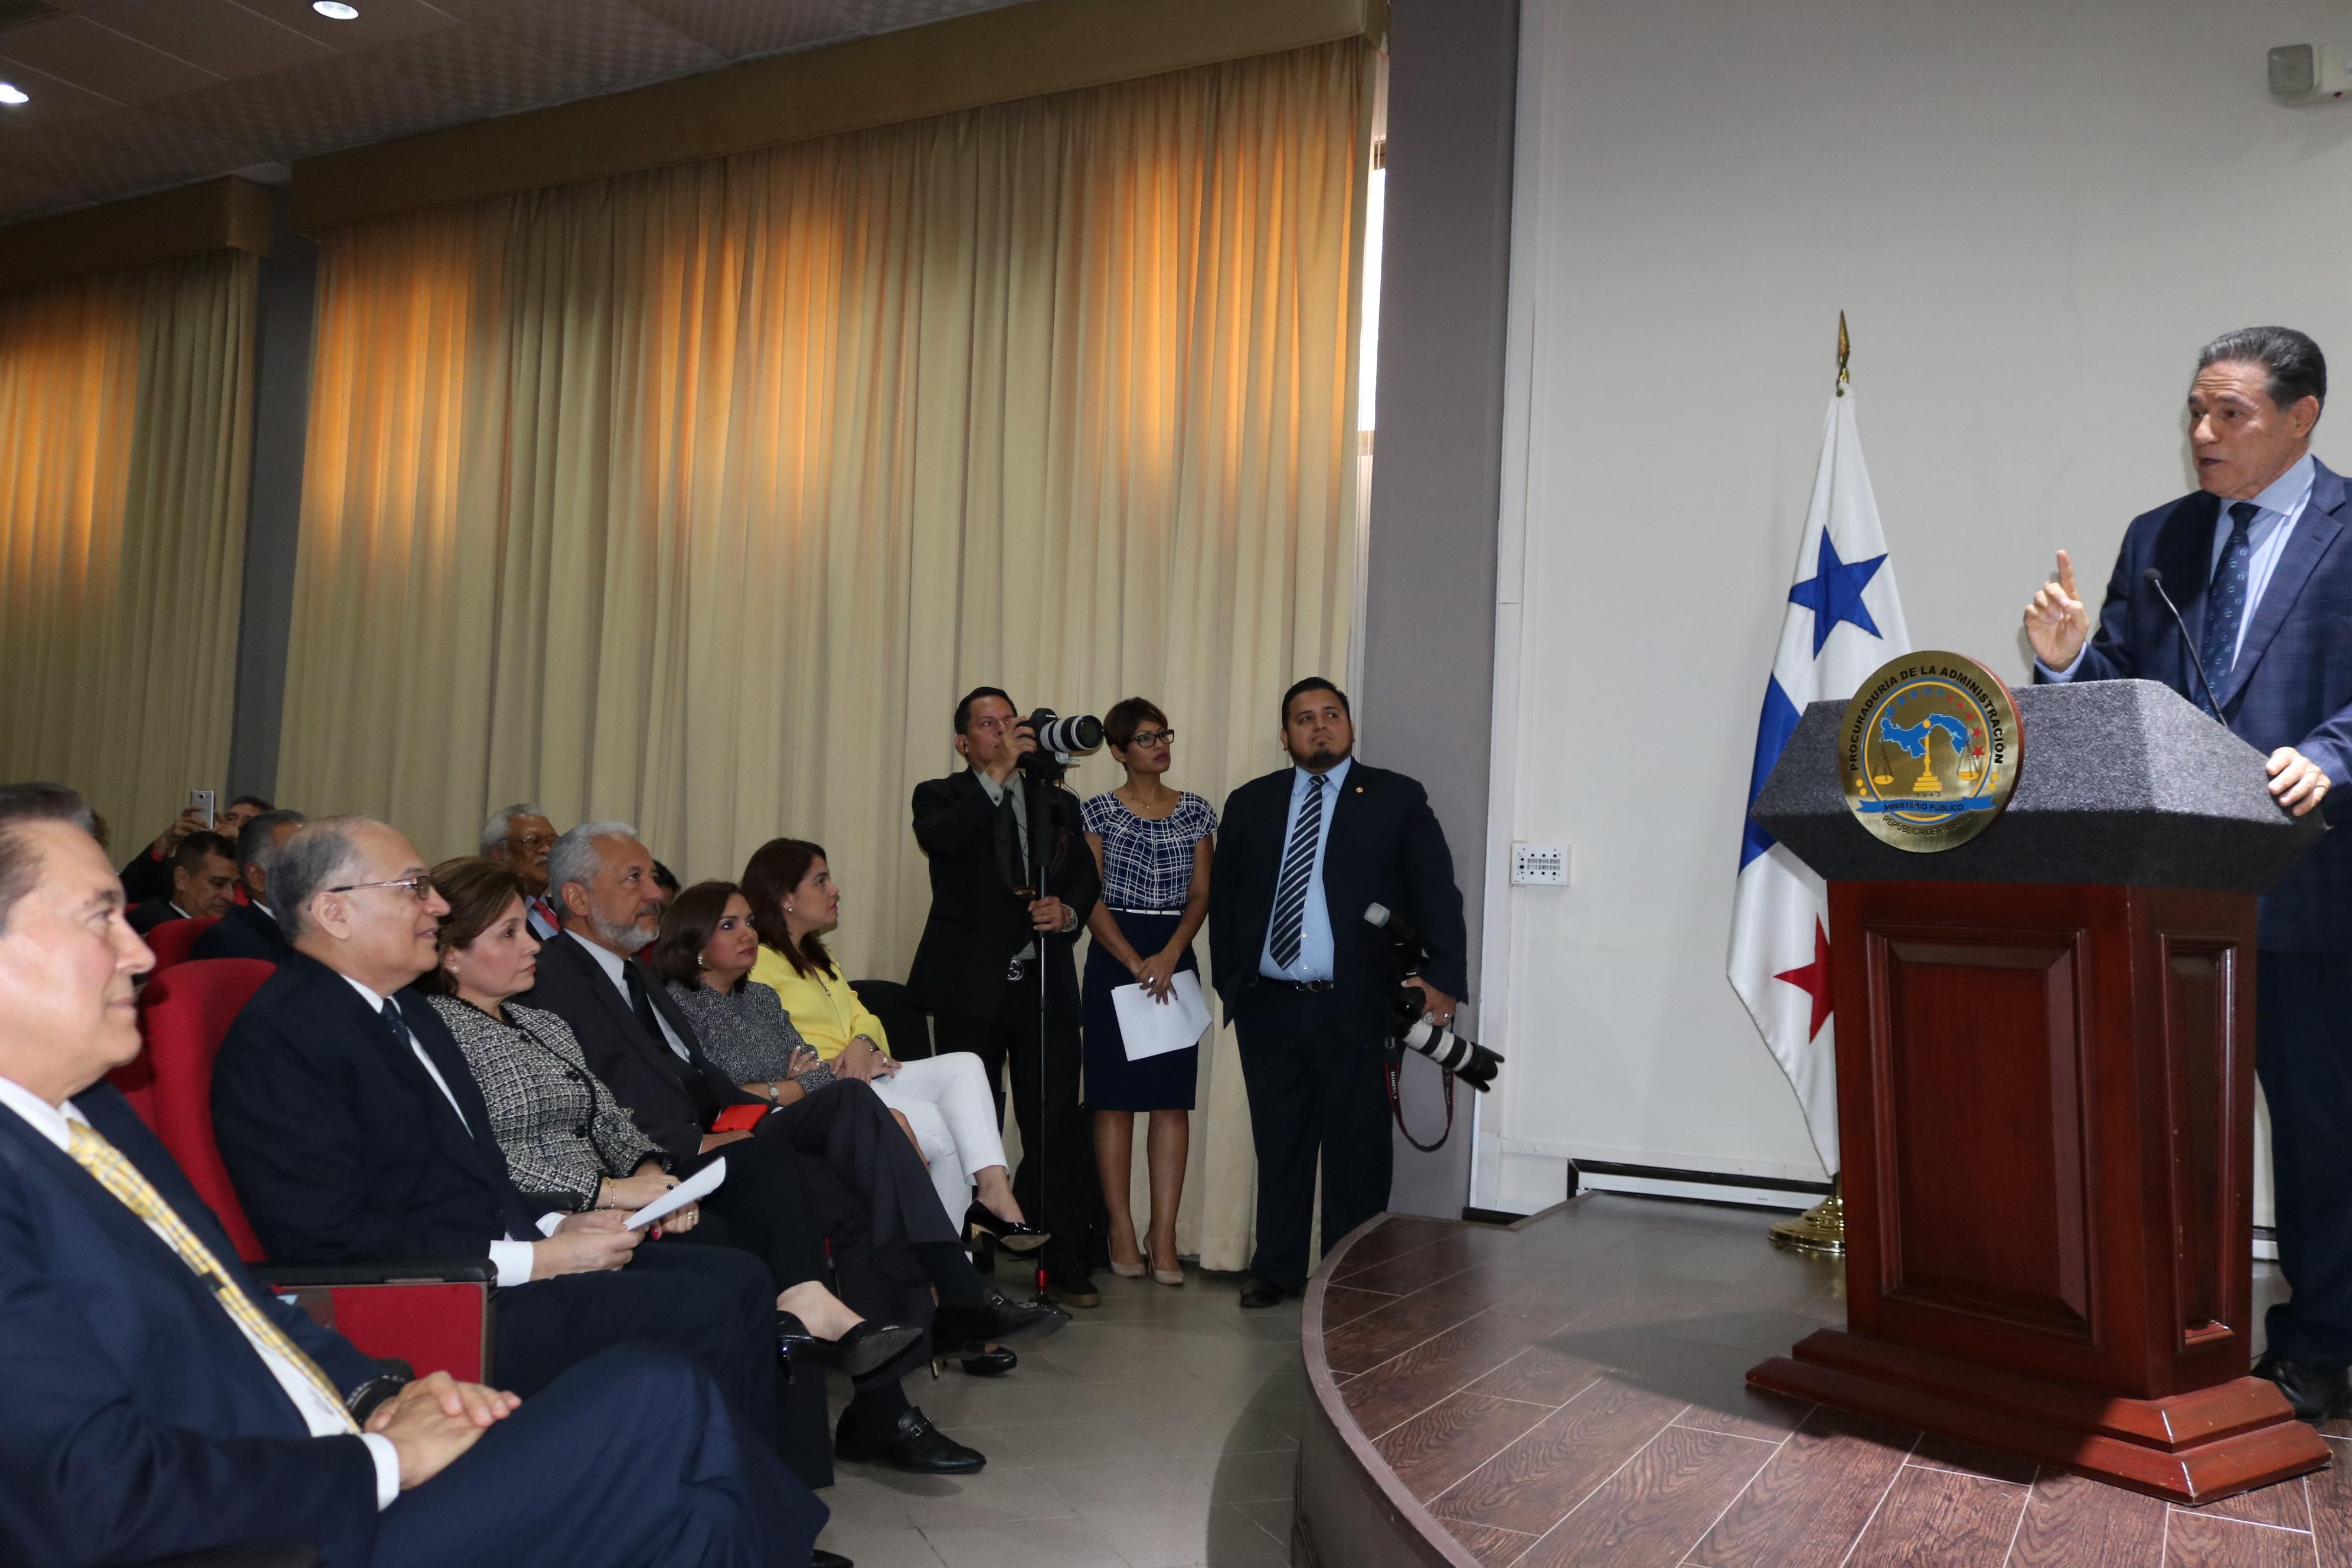 Conferencia magistral para conmemorar los 500 años de la Ciudad de Panamá